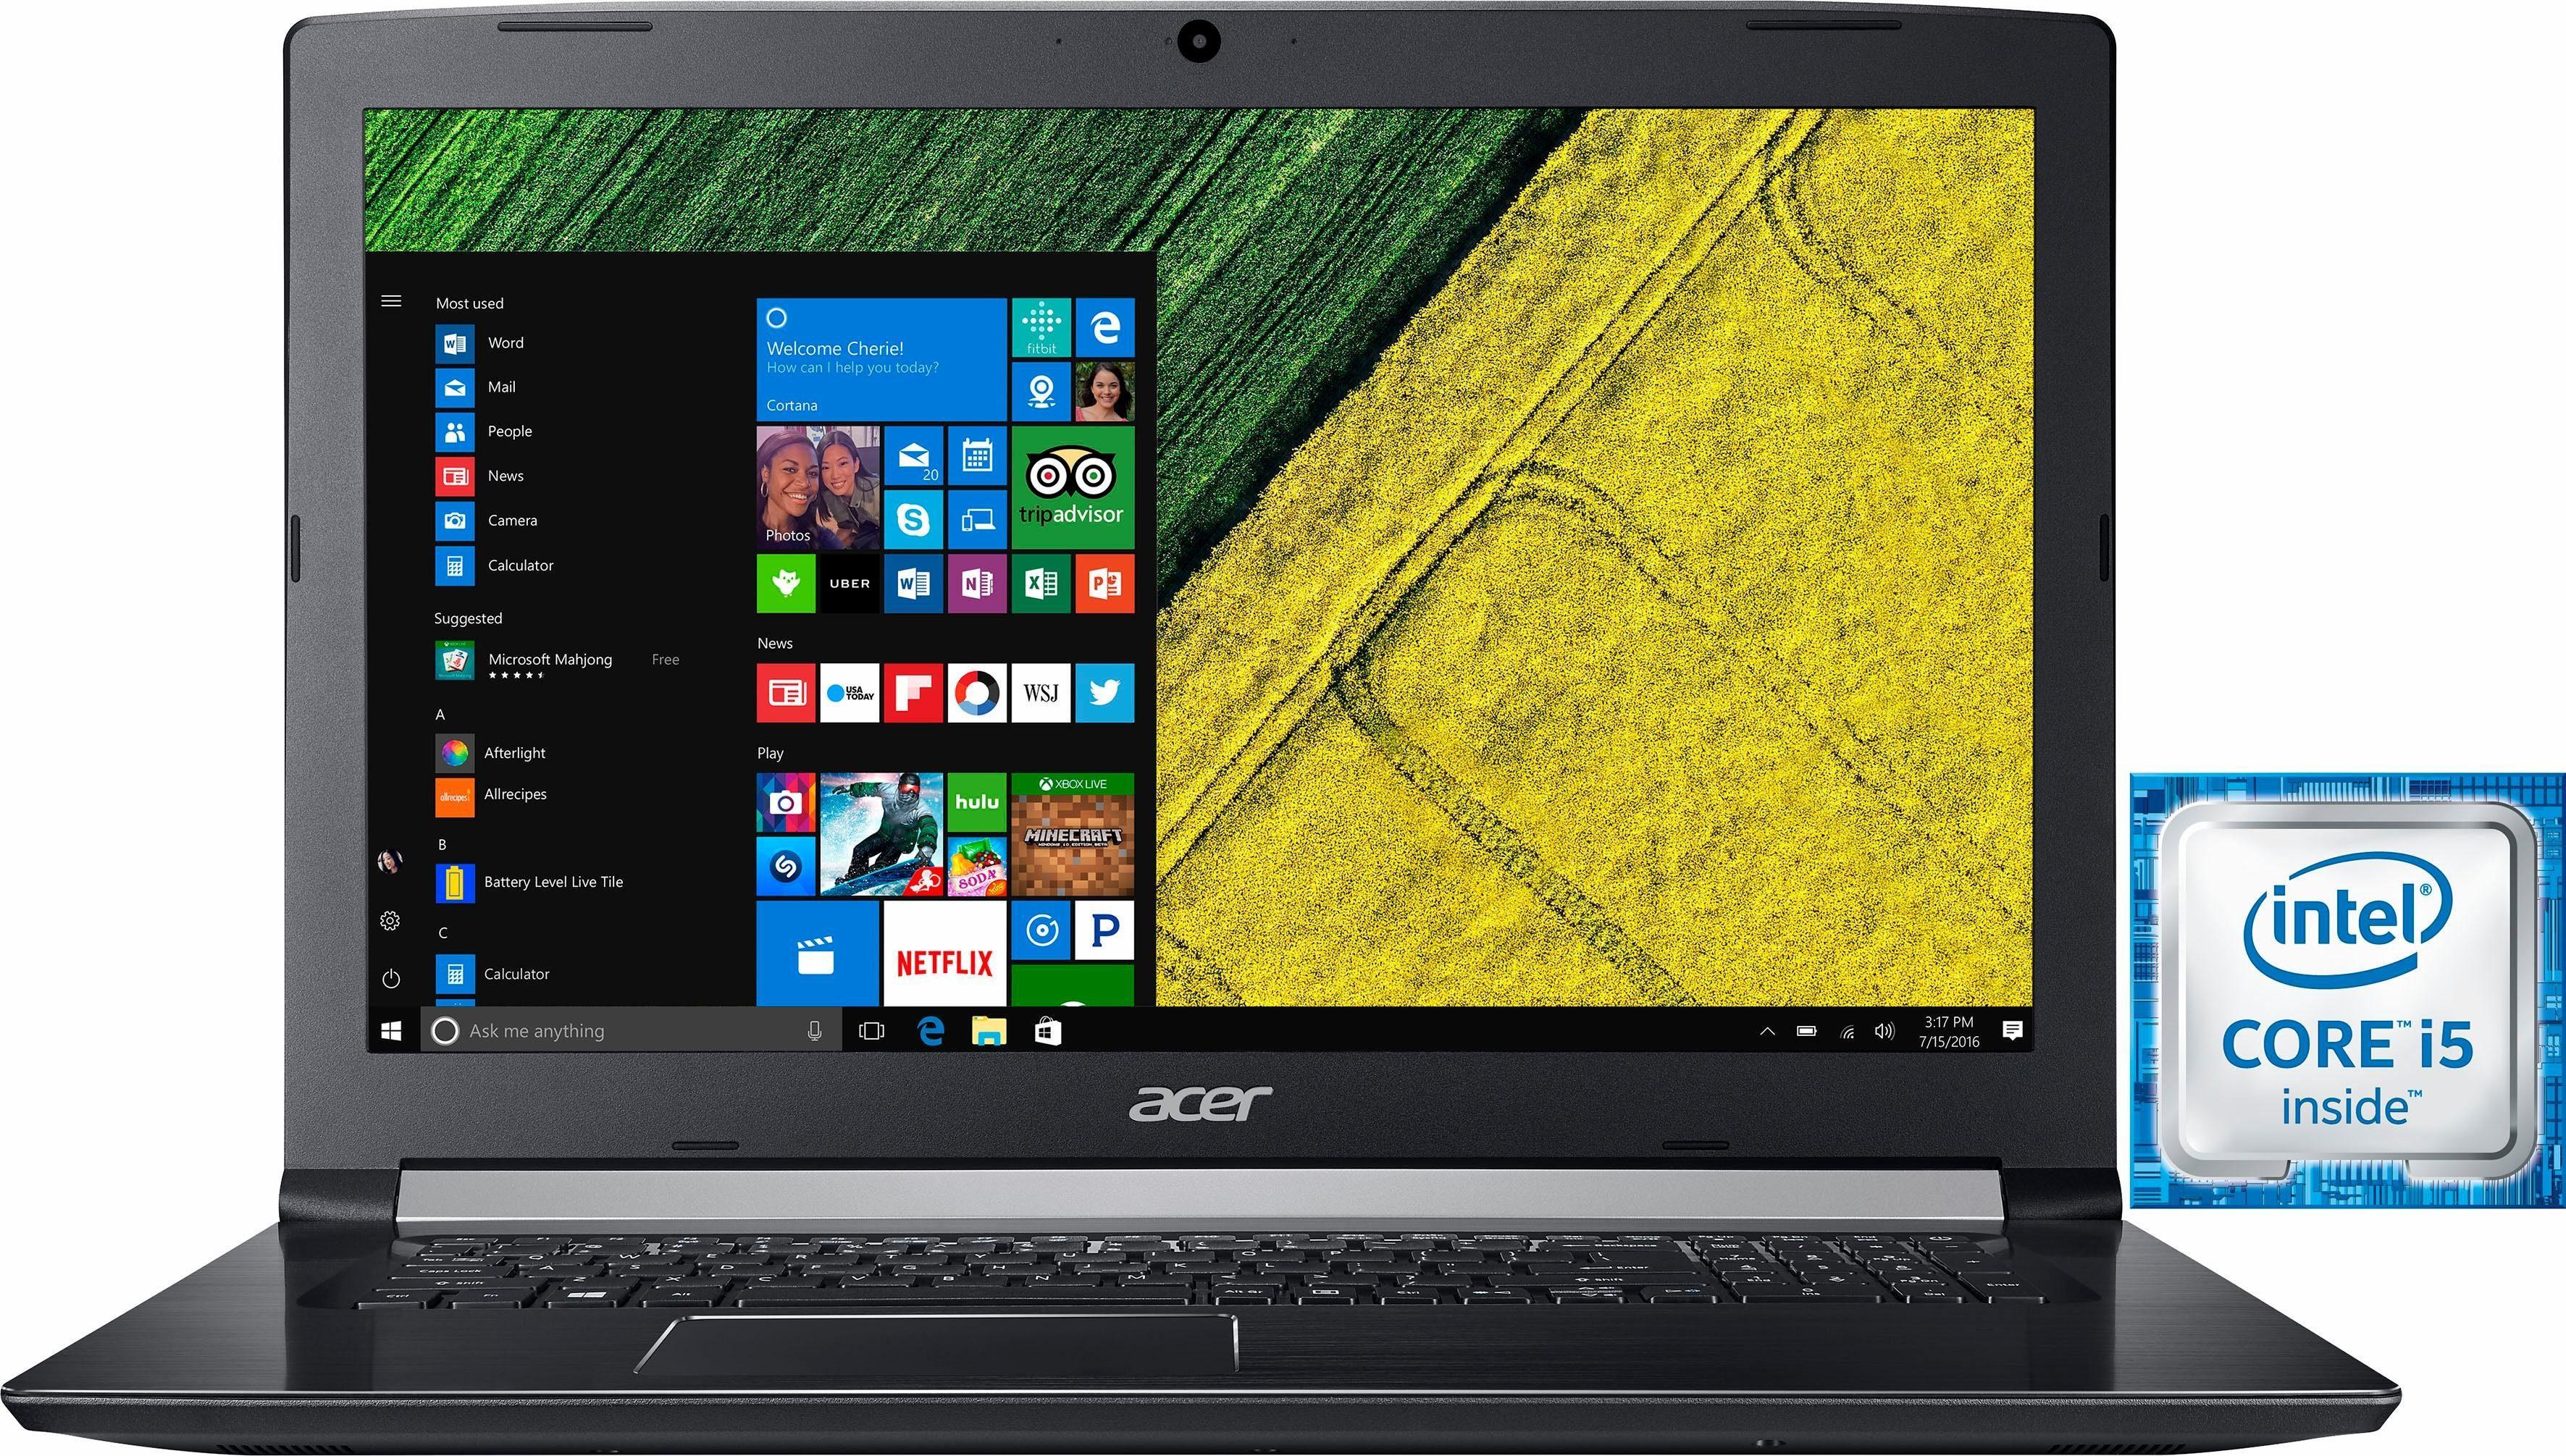 Acer Aspire 5 (A517-51-58FX)